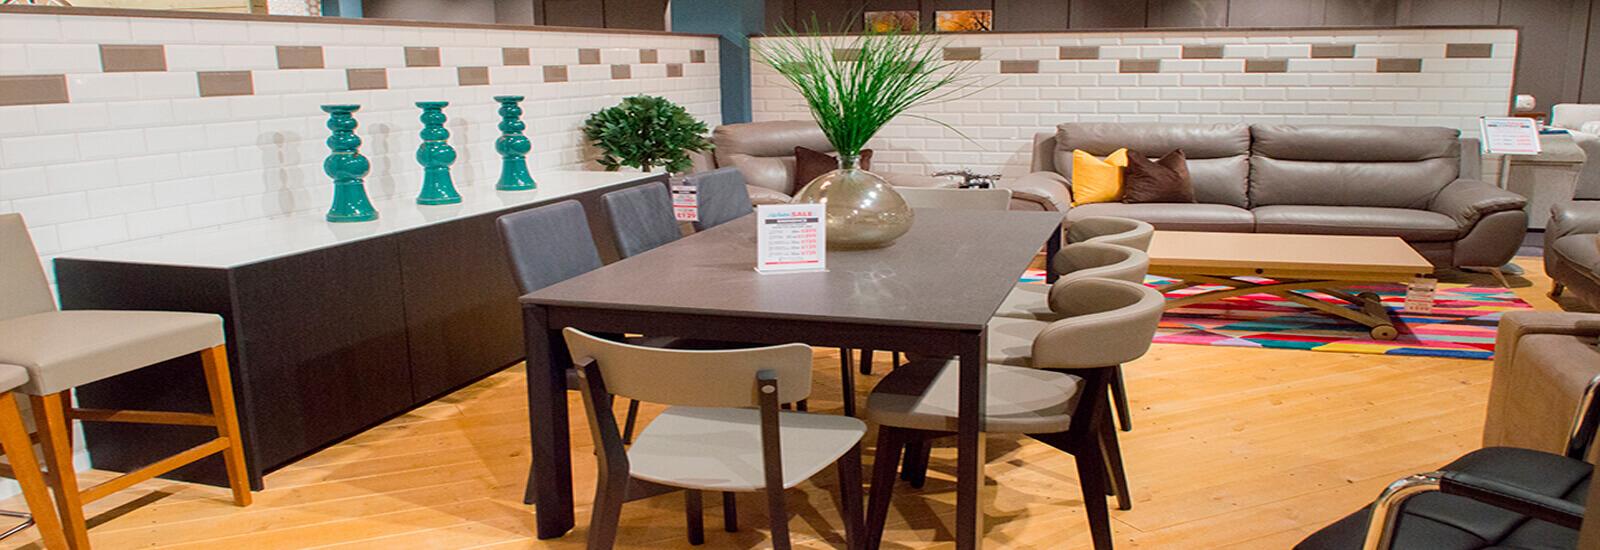 Furniture in Belfast, Northern Ireland | EZ Living Interiors